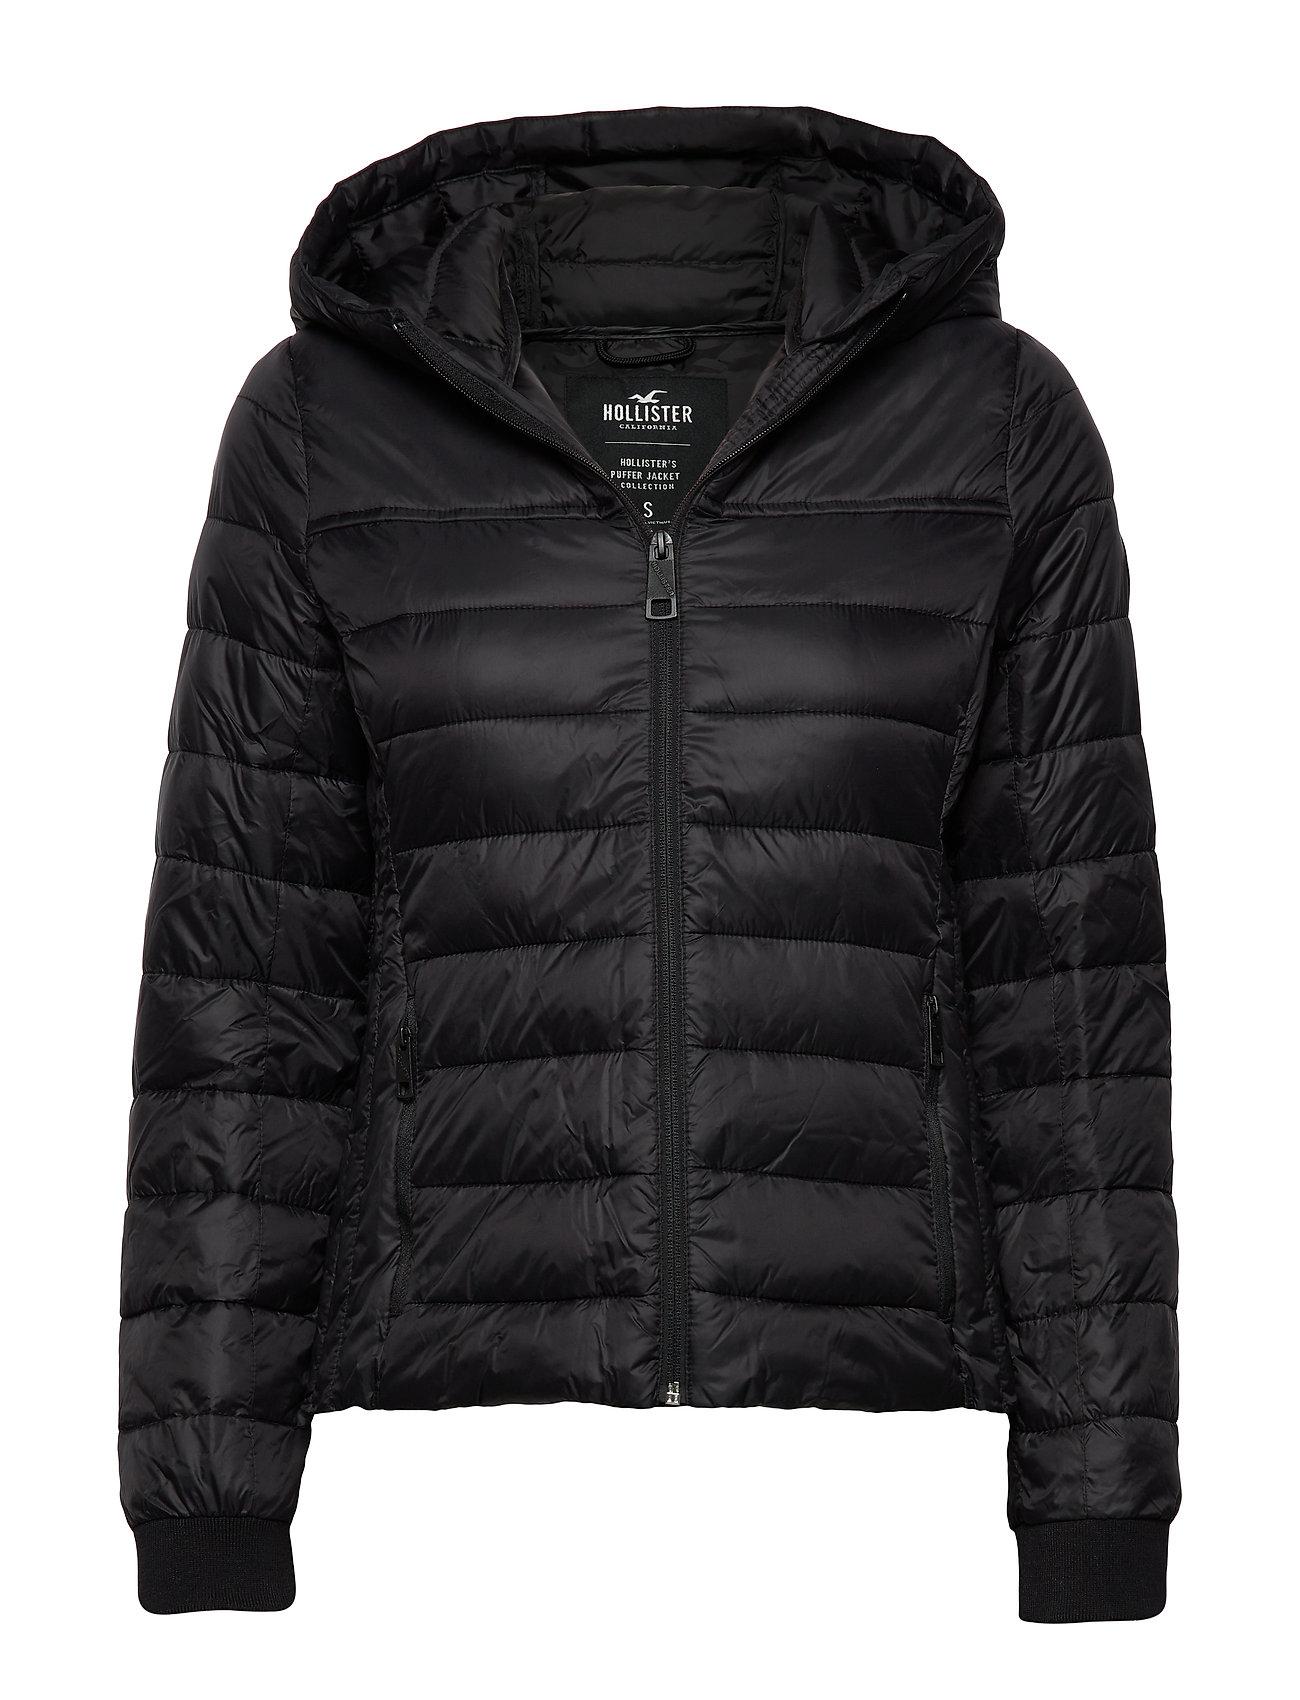 Hollister Lightweight Puffer Jacket - BLACK DD